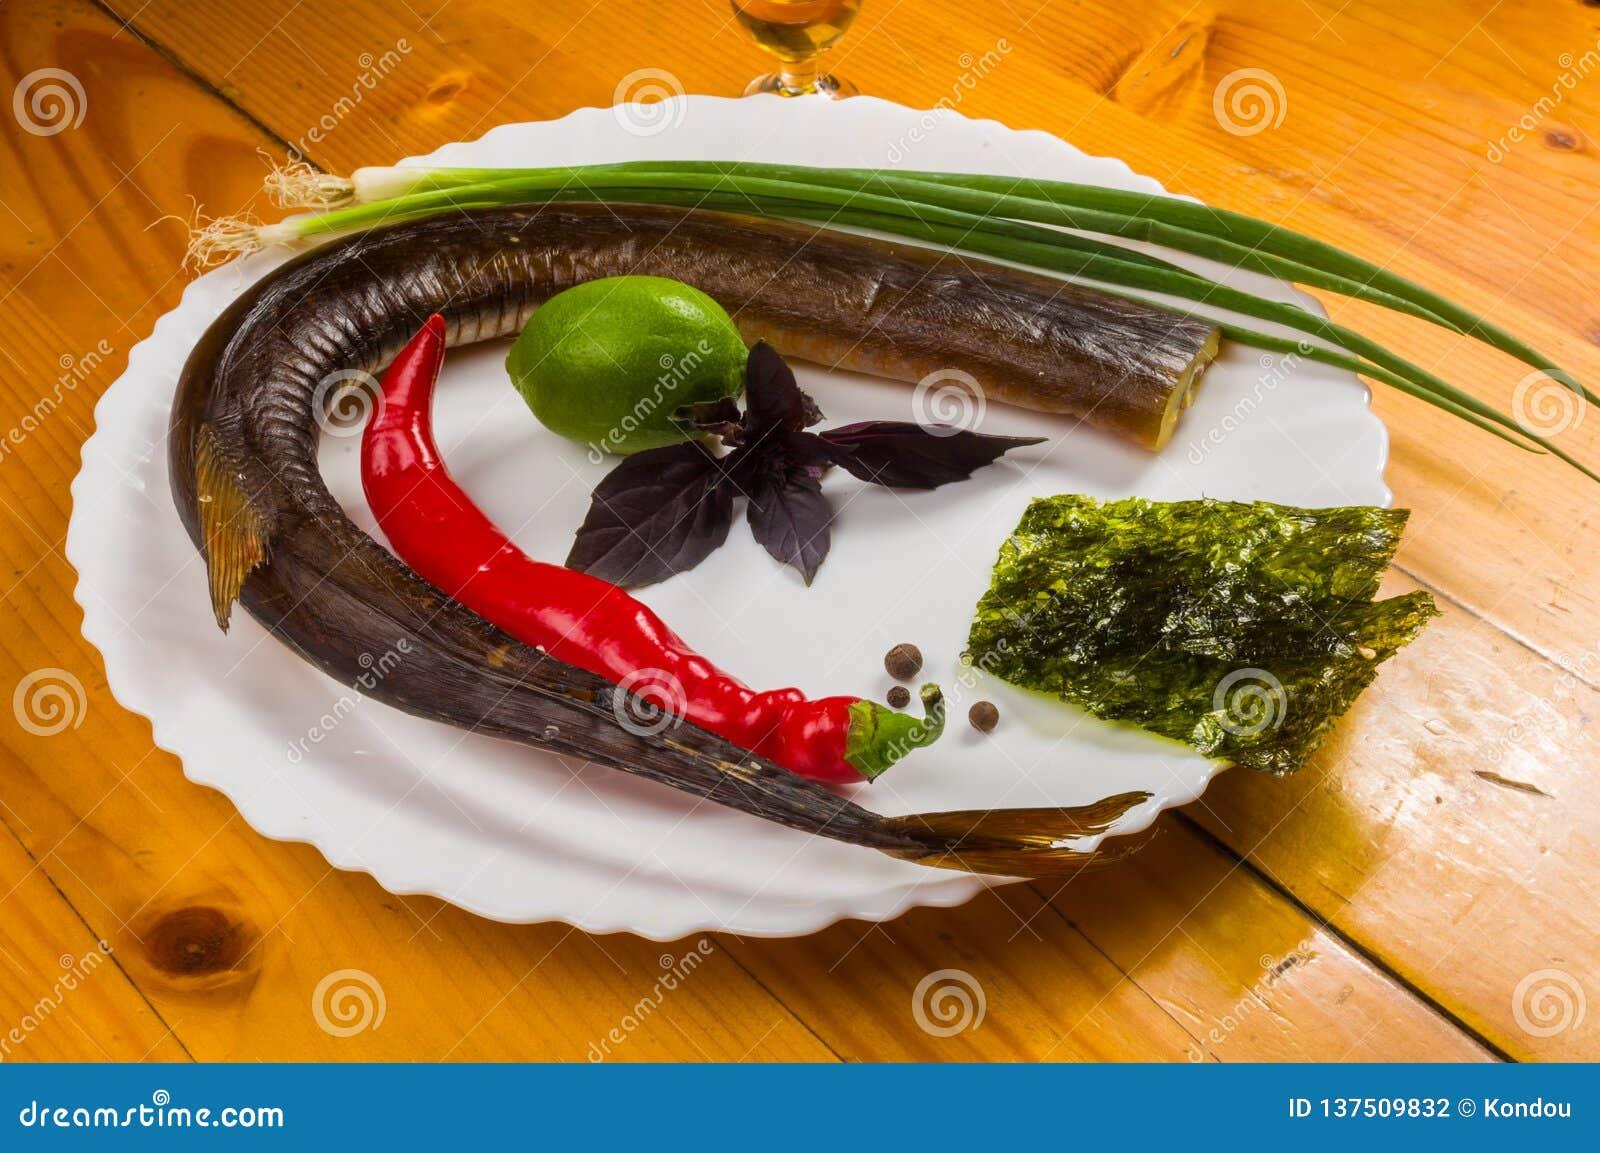 Rökt garfish med limefrukt, basilika, salladslökar, chili, norichiper, kryddor, olivolja i en vit keramisk maträtt, på en trätabe